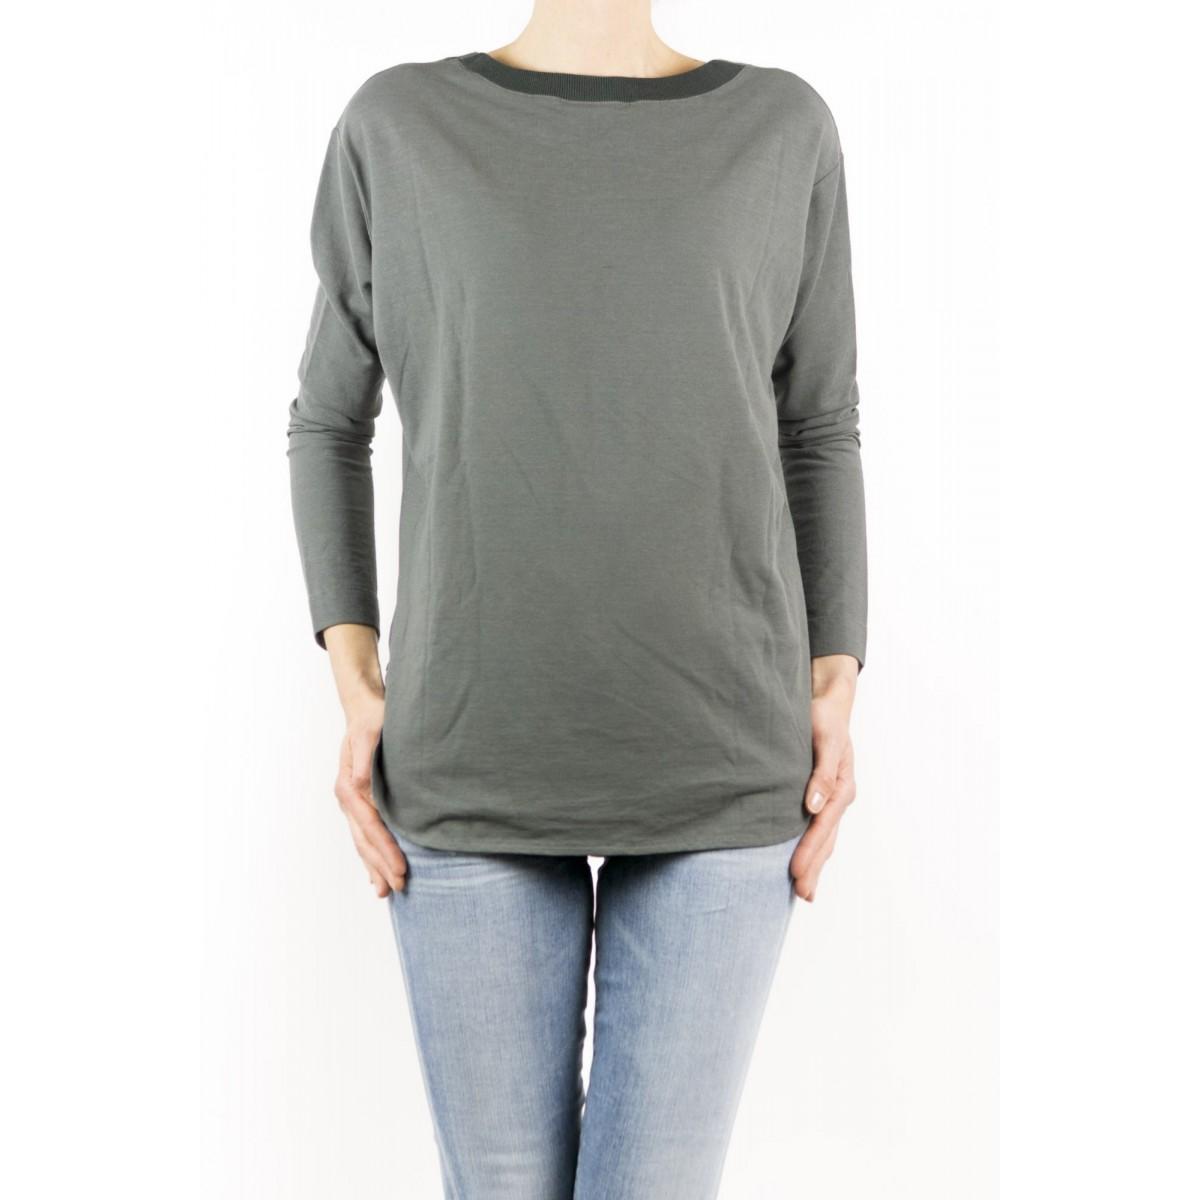 T-Shirt Zanone Woman - 851651 Zy429 Collo Smacchinato Ice Cotton Z0914 - asfalto